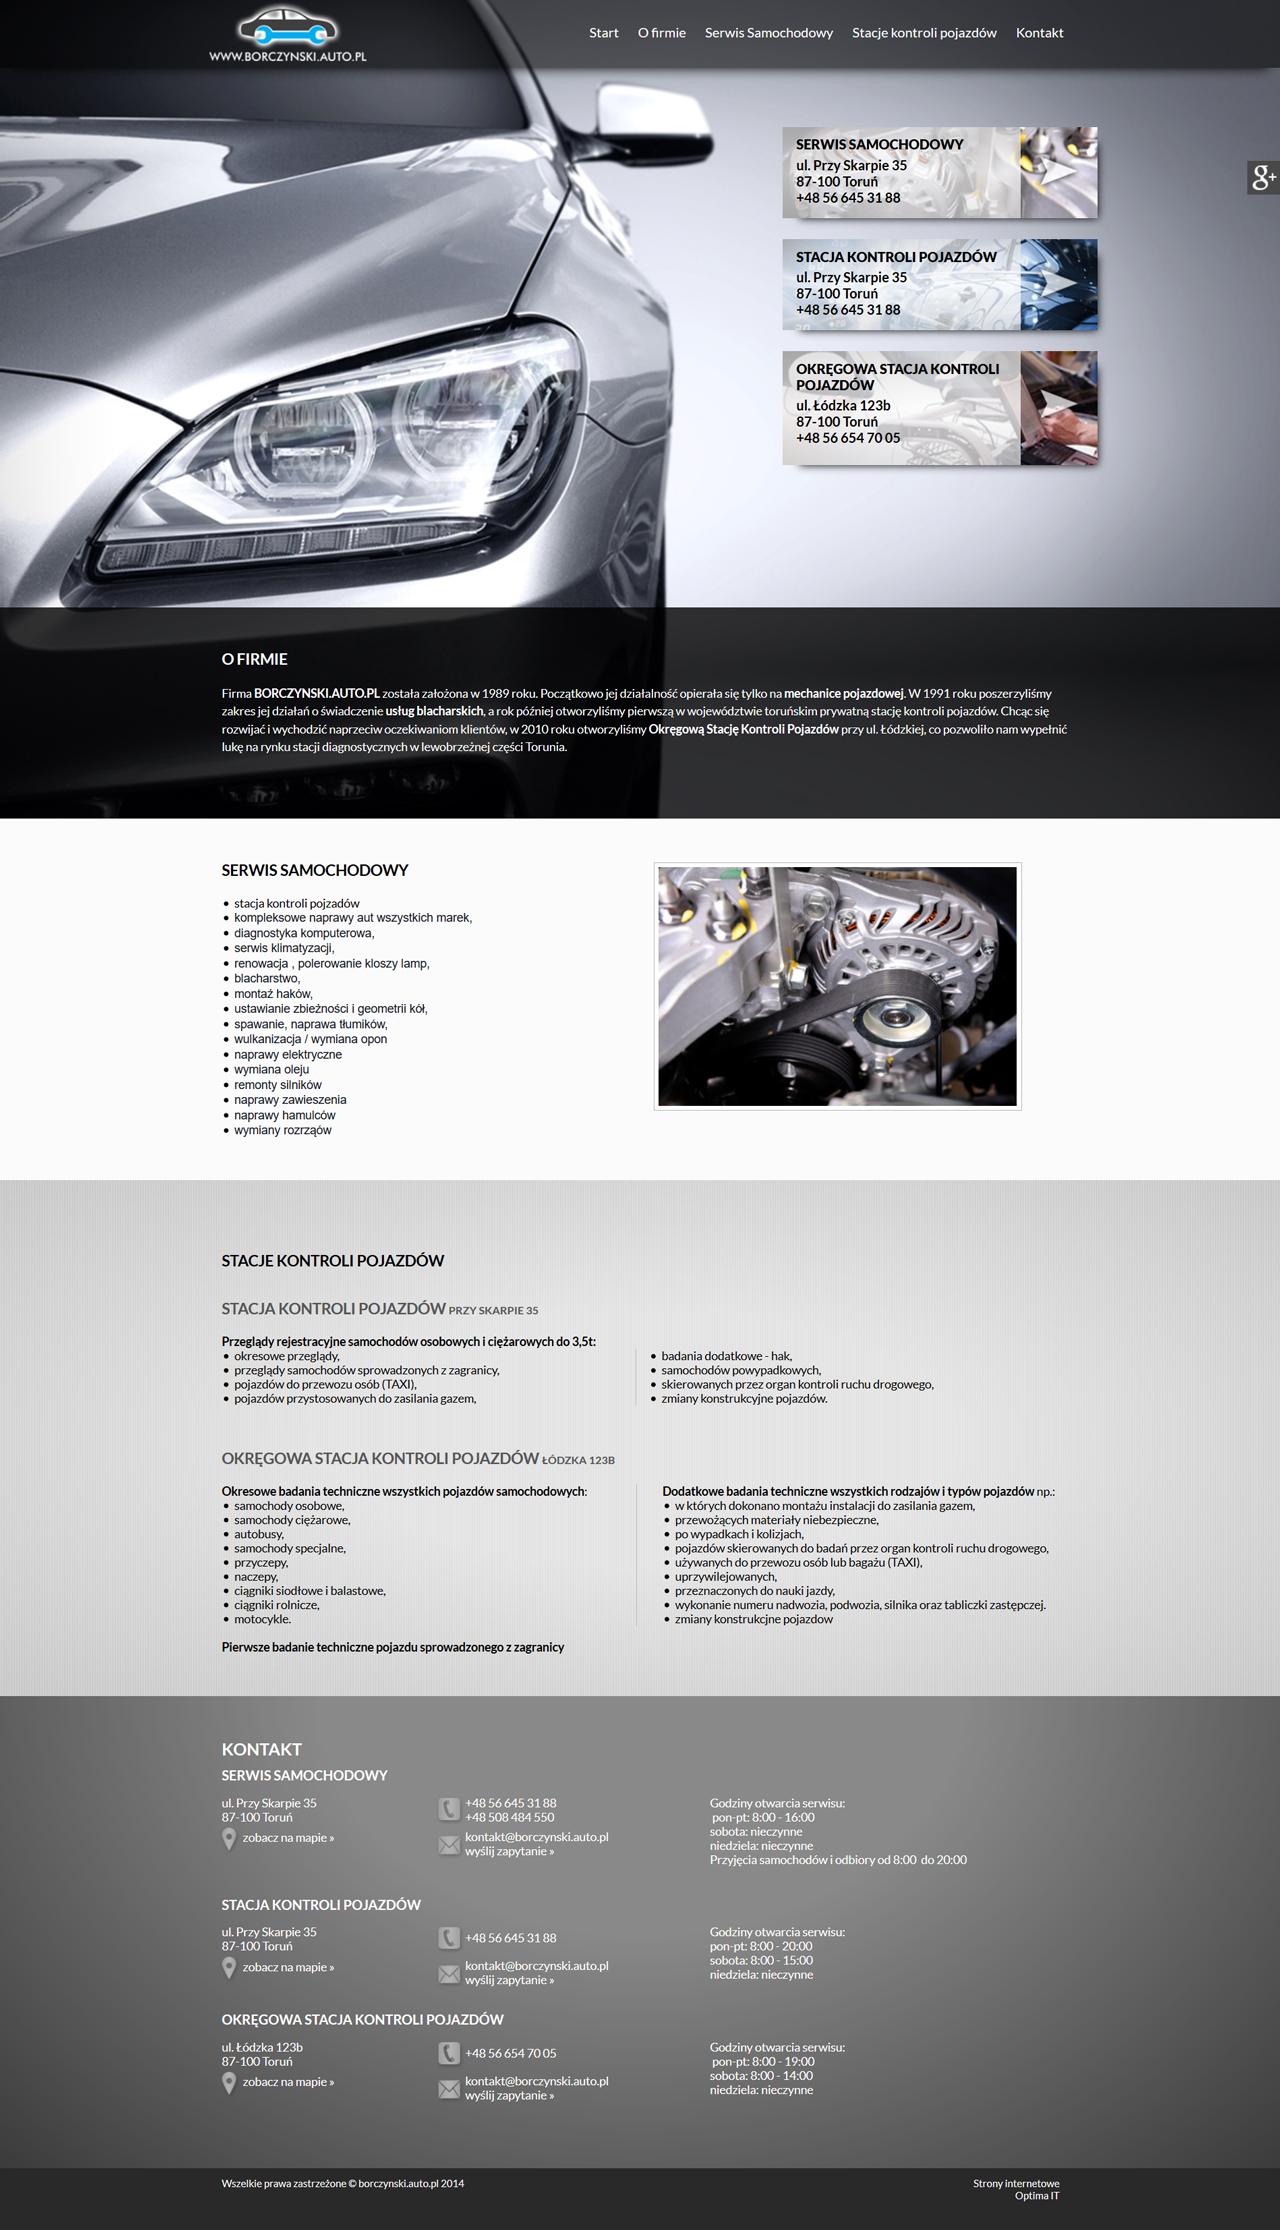 Strona www dla serwisu samochodowego oraz strona internetowa dla stacji kontroli pojazdów